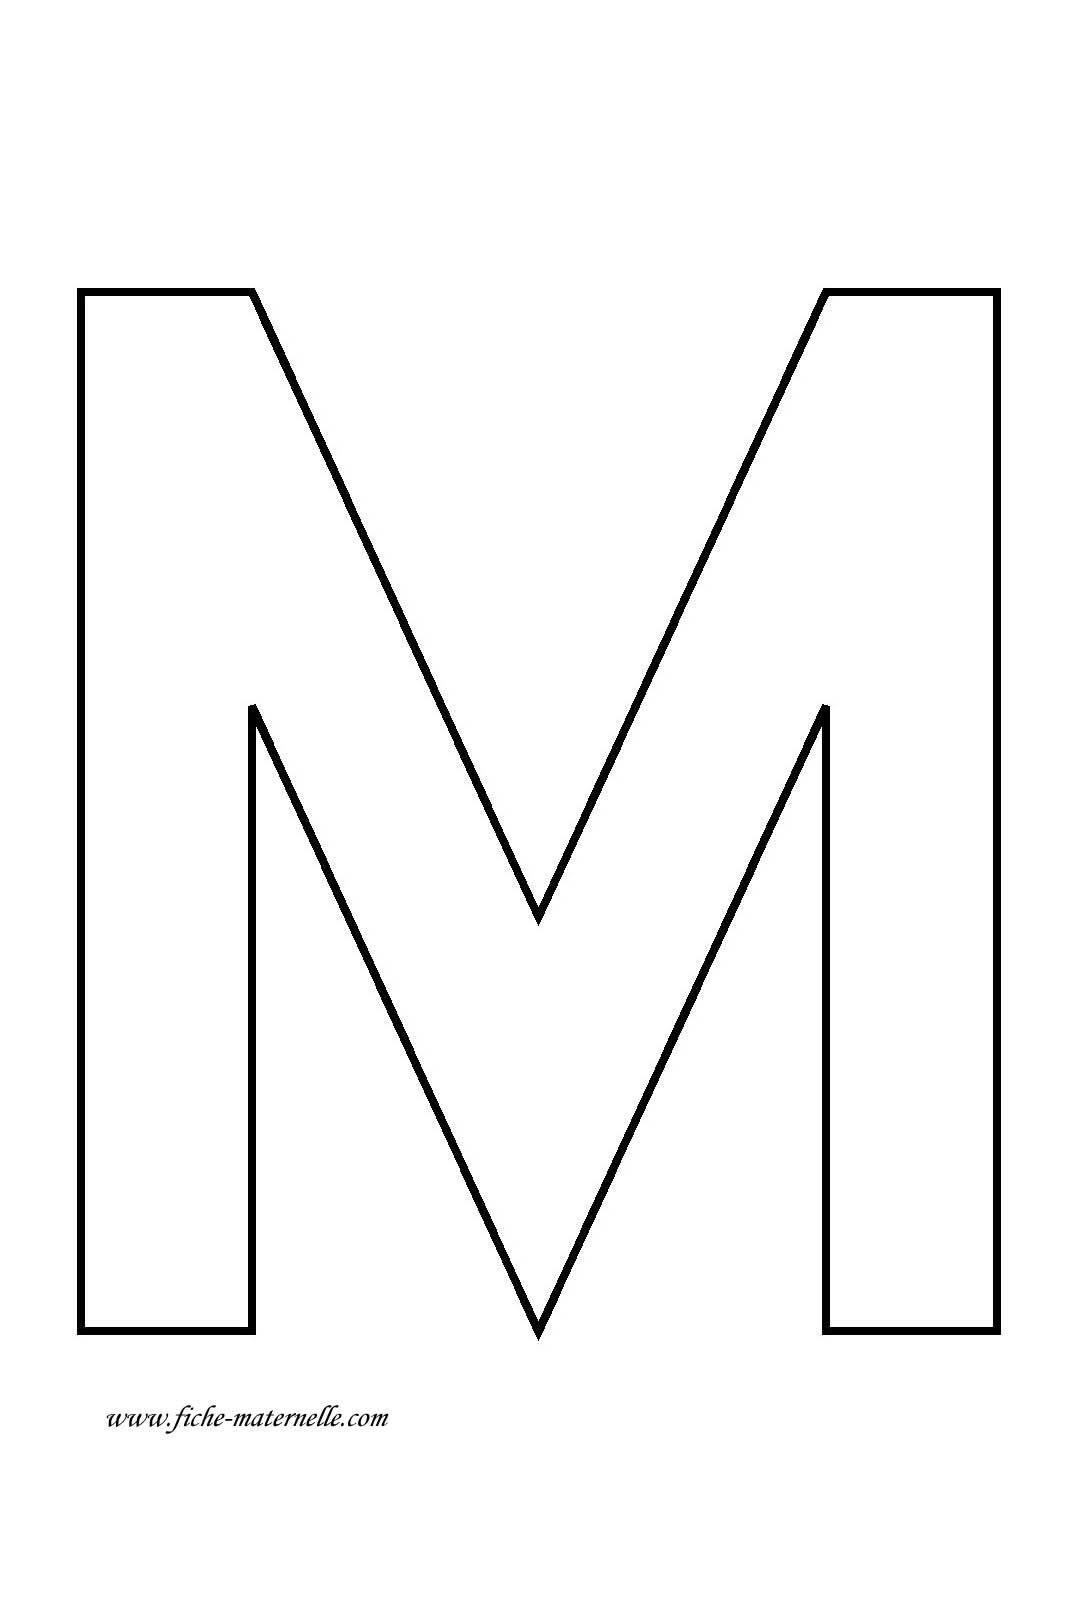 m lettre Lettre de l'alphabet à décorer | Обучение | Pinterest m lettre